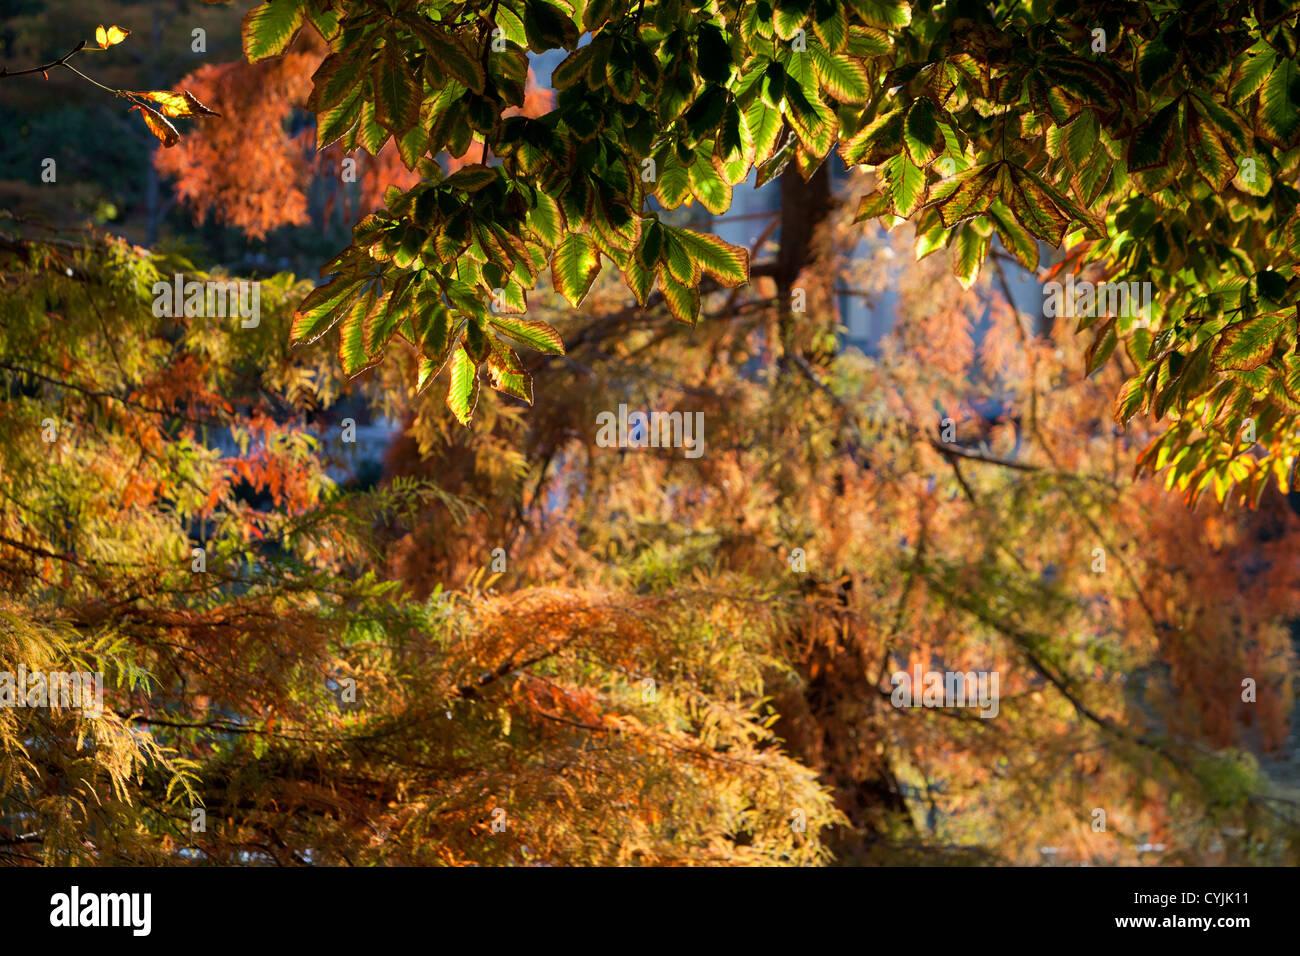 Blätter, Herbst, Kontur, Natur, Baum, grün, Farbe, Pflanze, Schatten, Licht, außen, Farben, erhltlich Stockbild